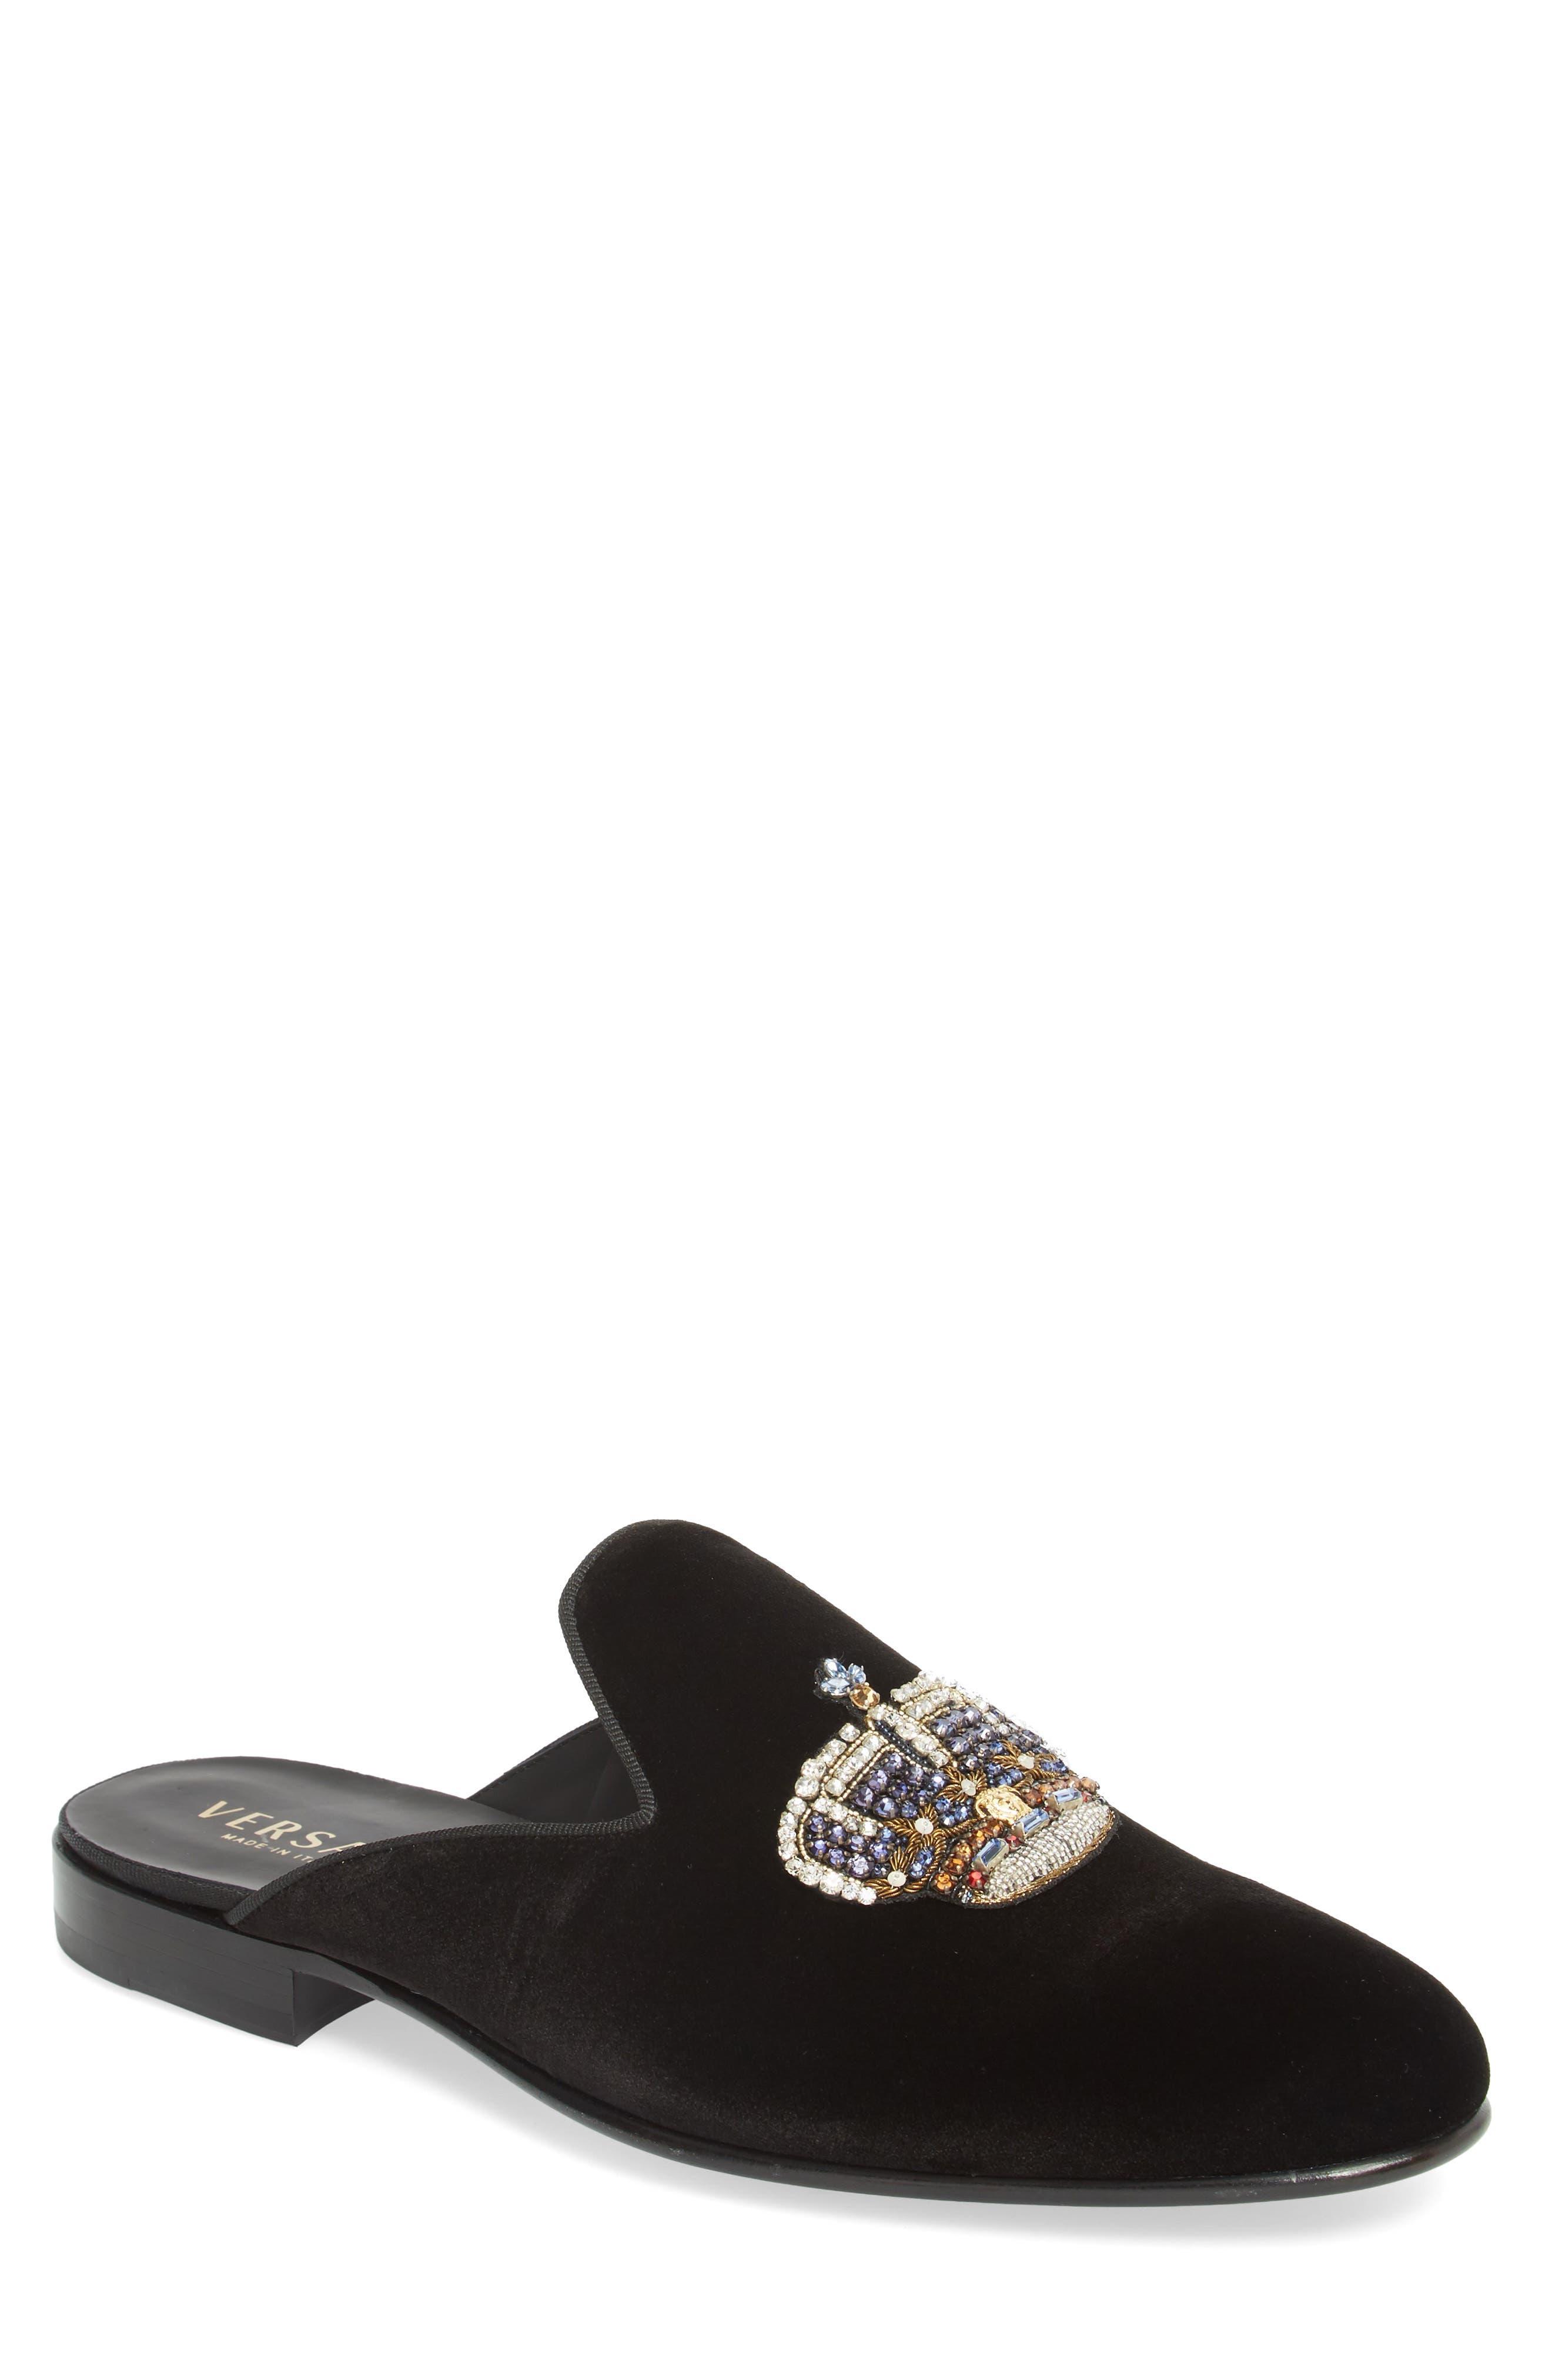 Gianni Embellished Crown Loafer Mule,                         Main,                         color, Black Warm Gold